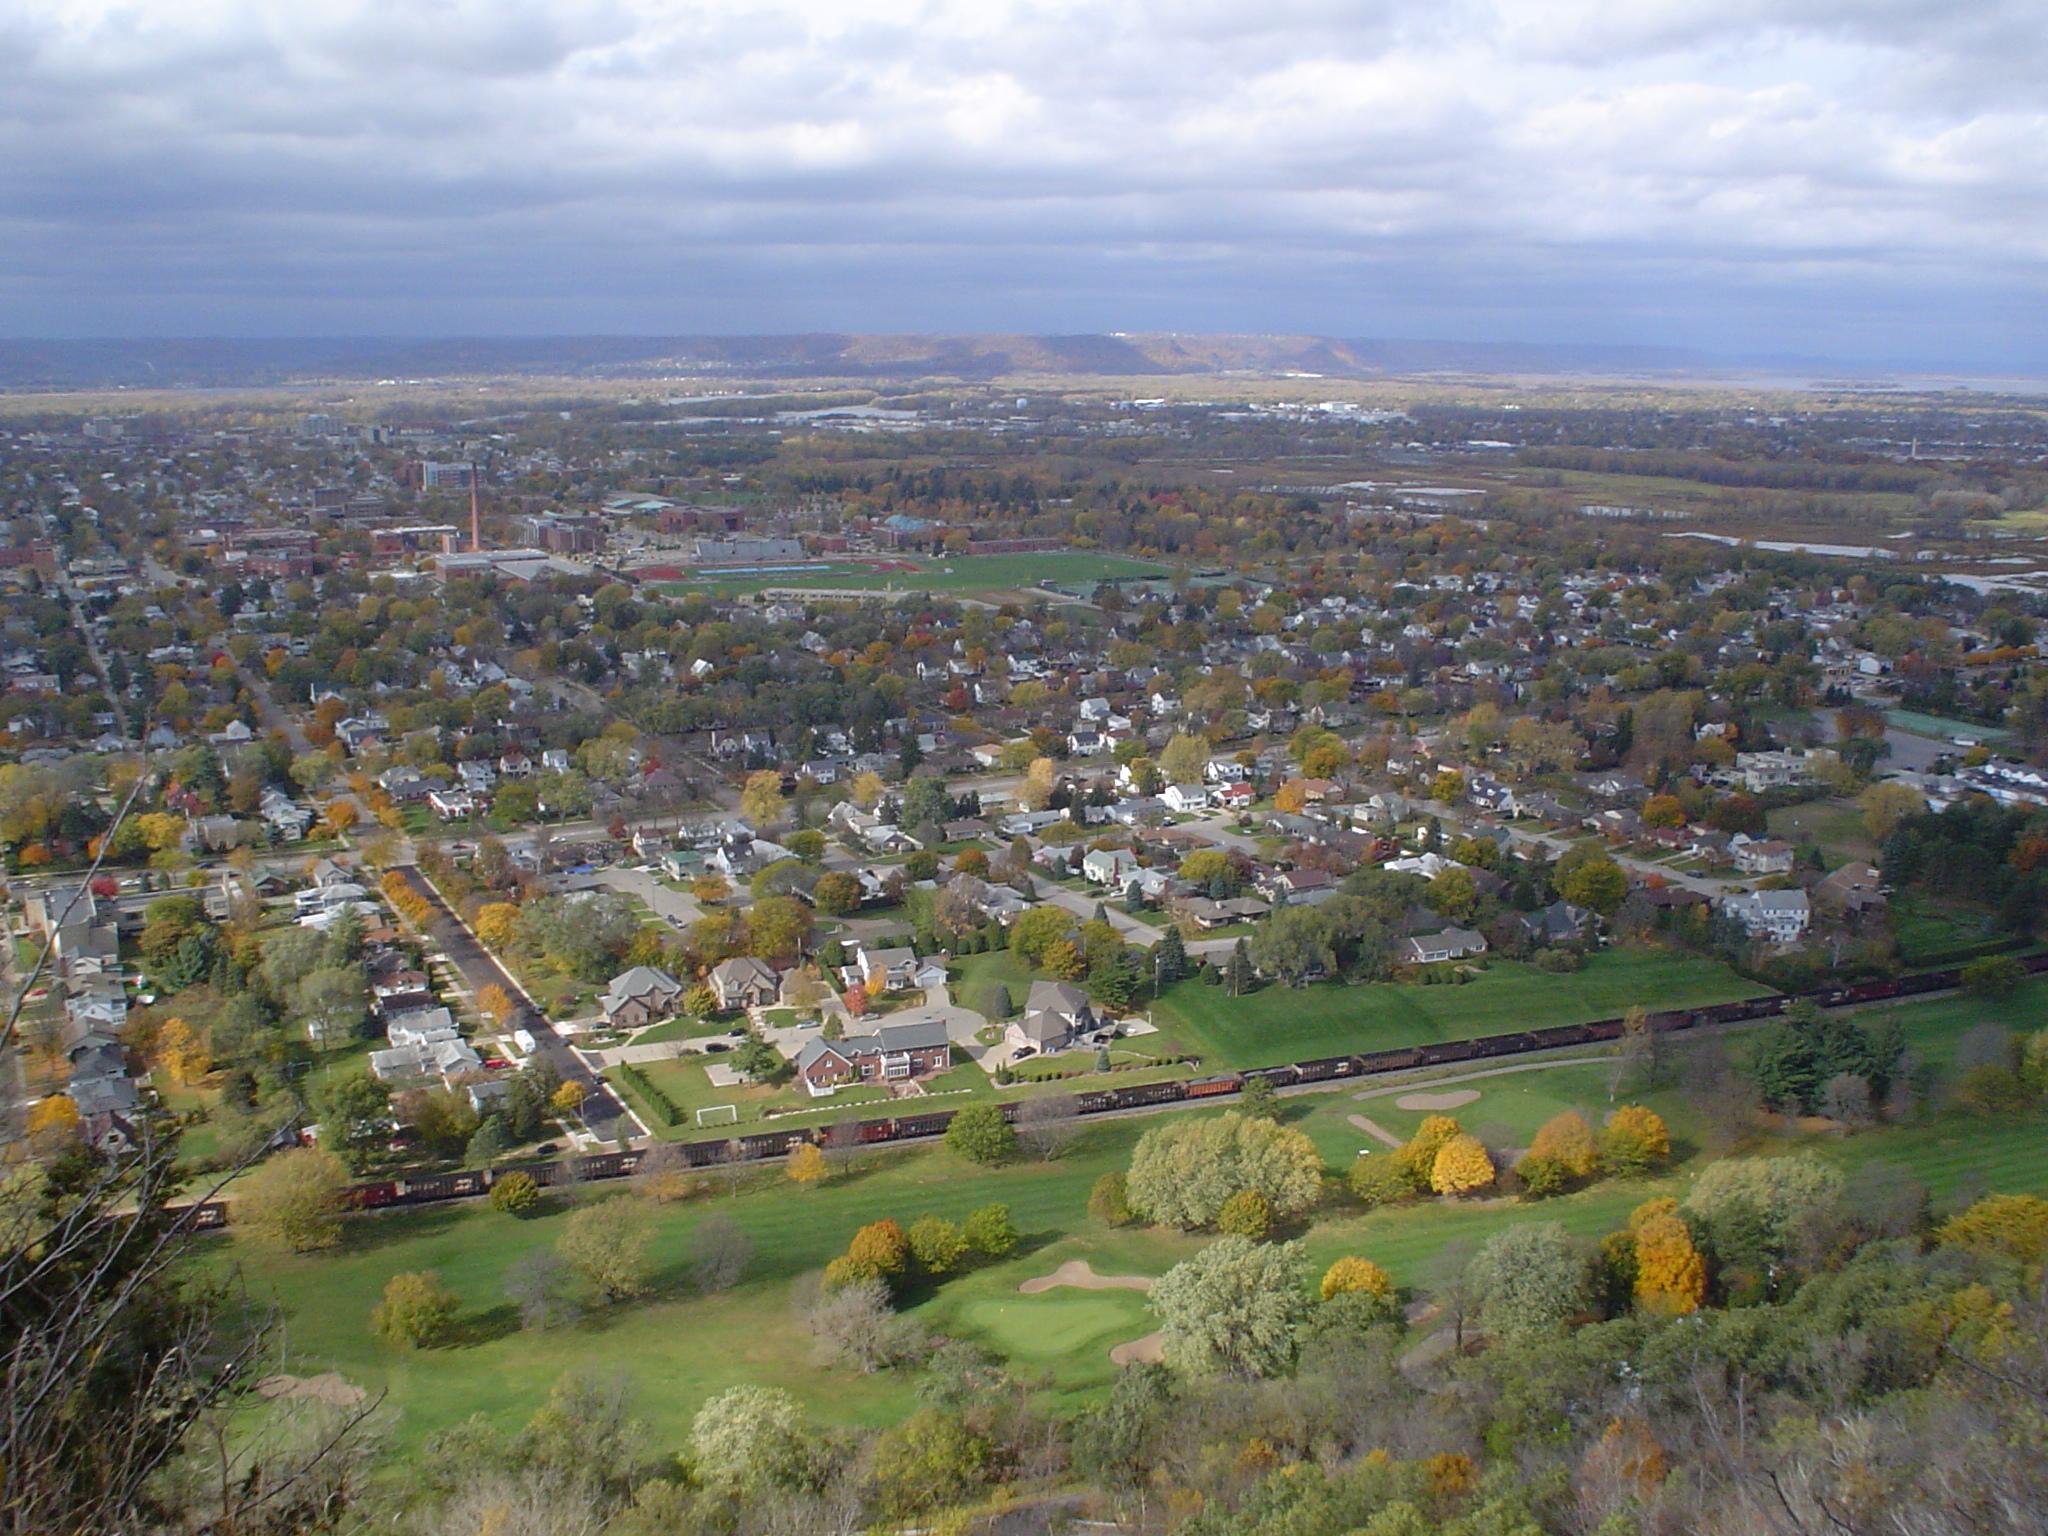 View_from_Grandad_Bluff_in_La_Crosse,_Wisconsin_2.JPG